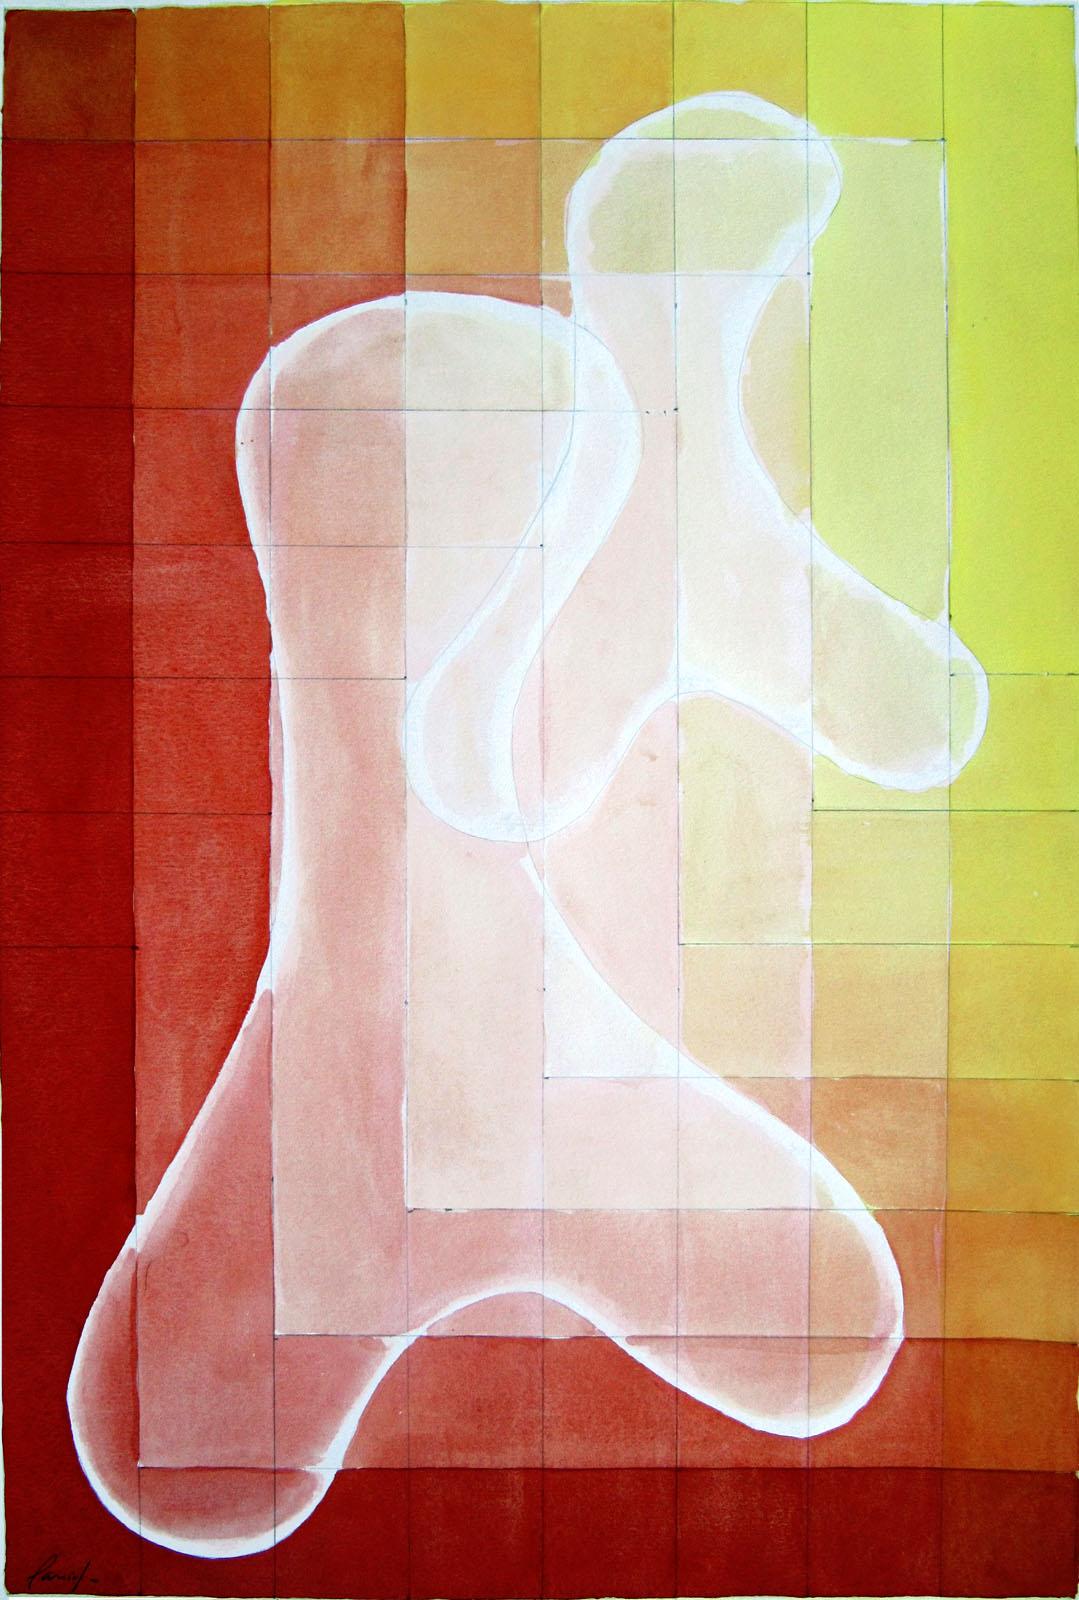 panies-danielvillalobos-painting-twentiethcentury-kinetic-art-8